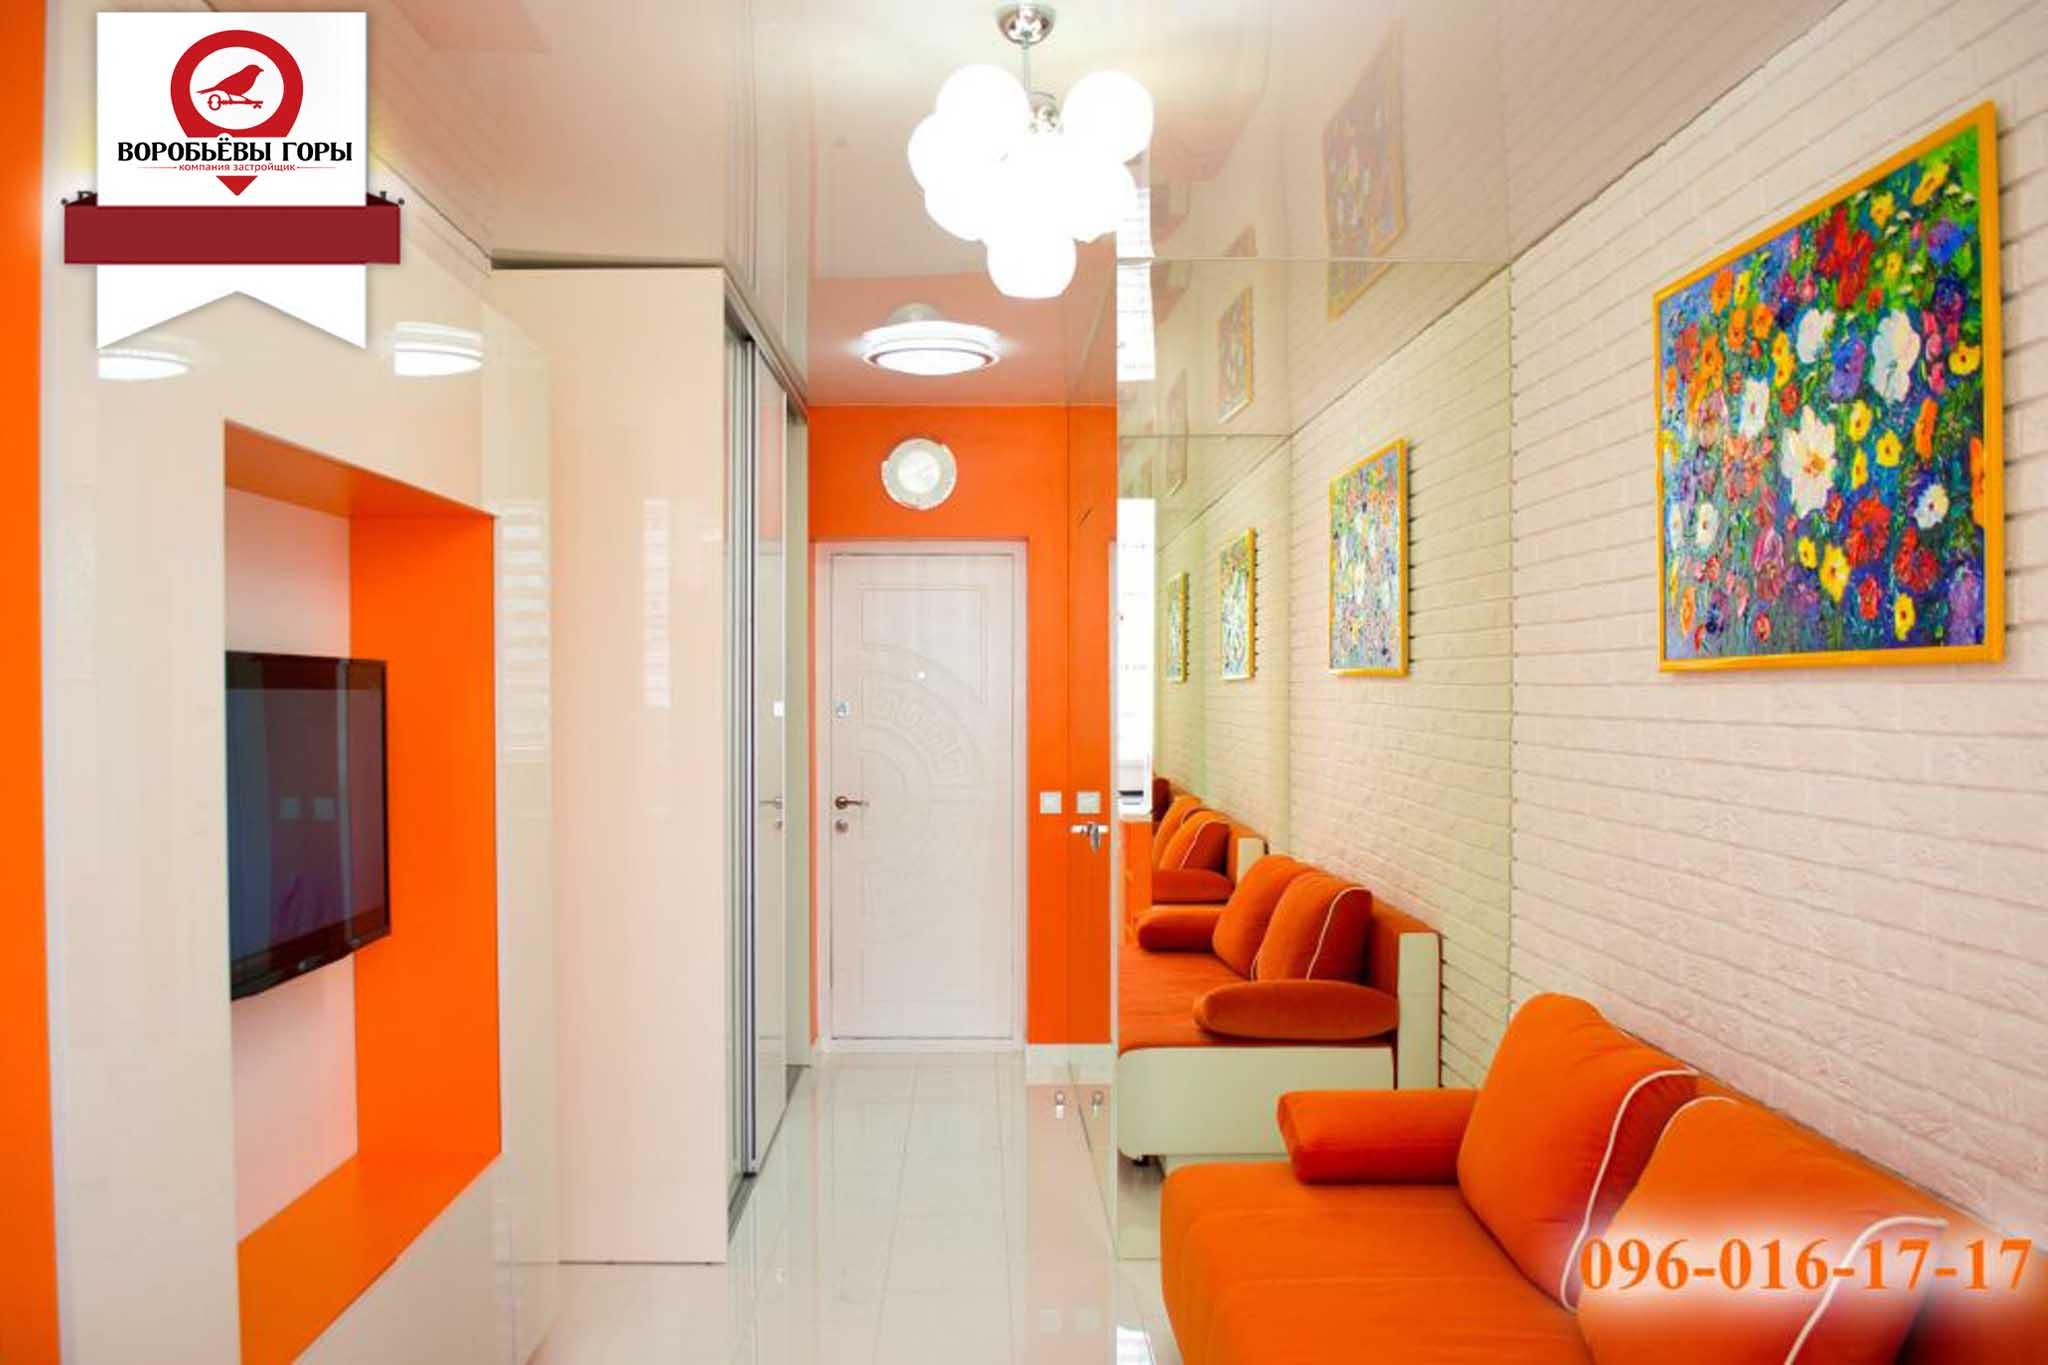 Смарт-квартира в рассрочку — выгодное предложение от застройщика «Воробьевы горы»